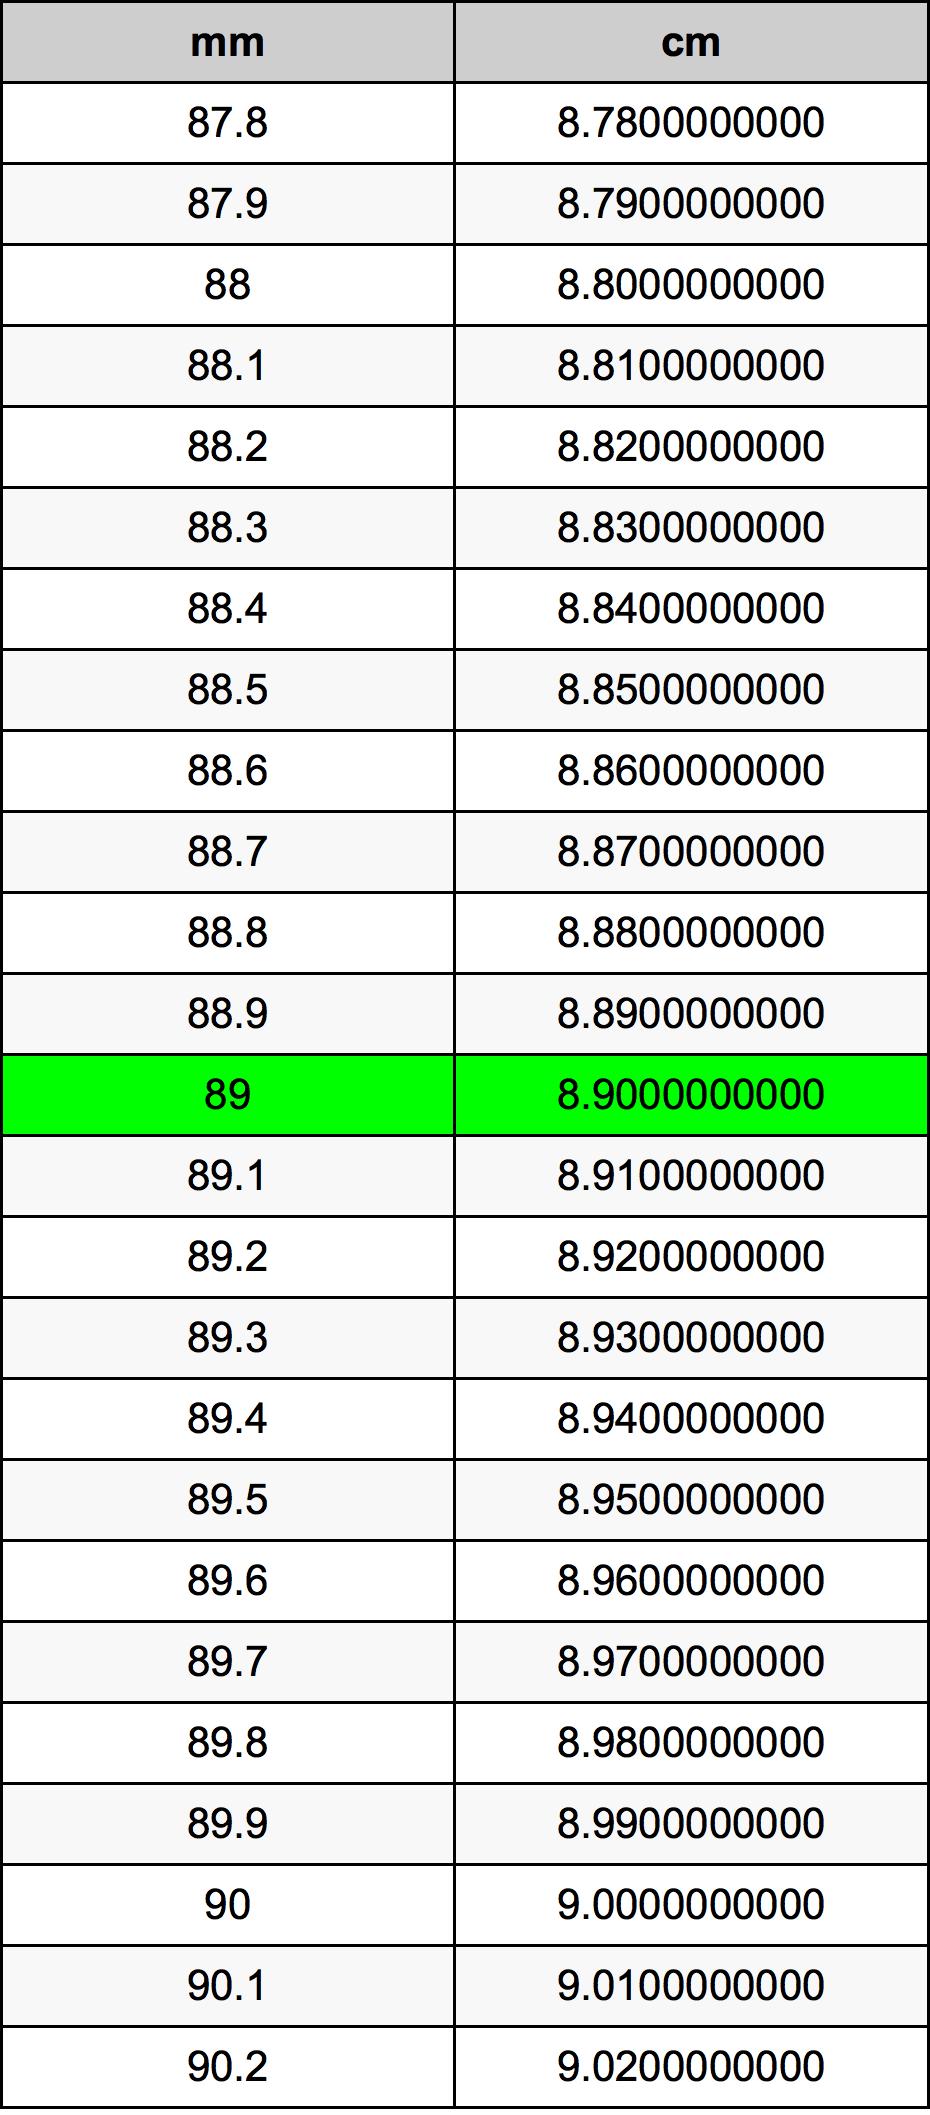 89ミリメートルをセンチメートル単位変換 | 89mmをcm単位変換